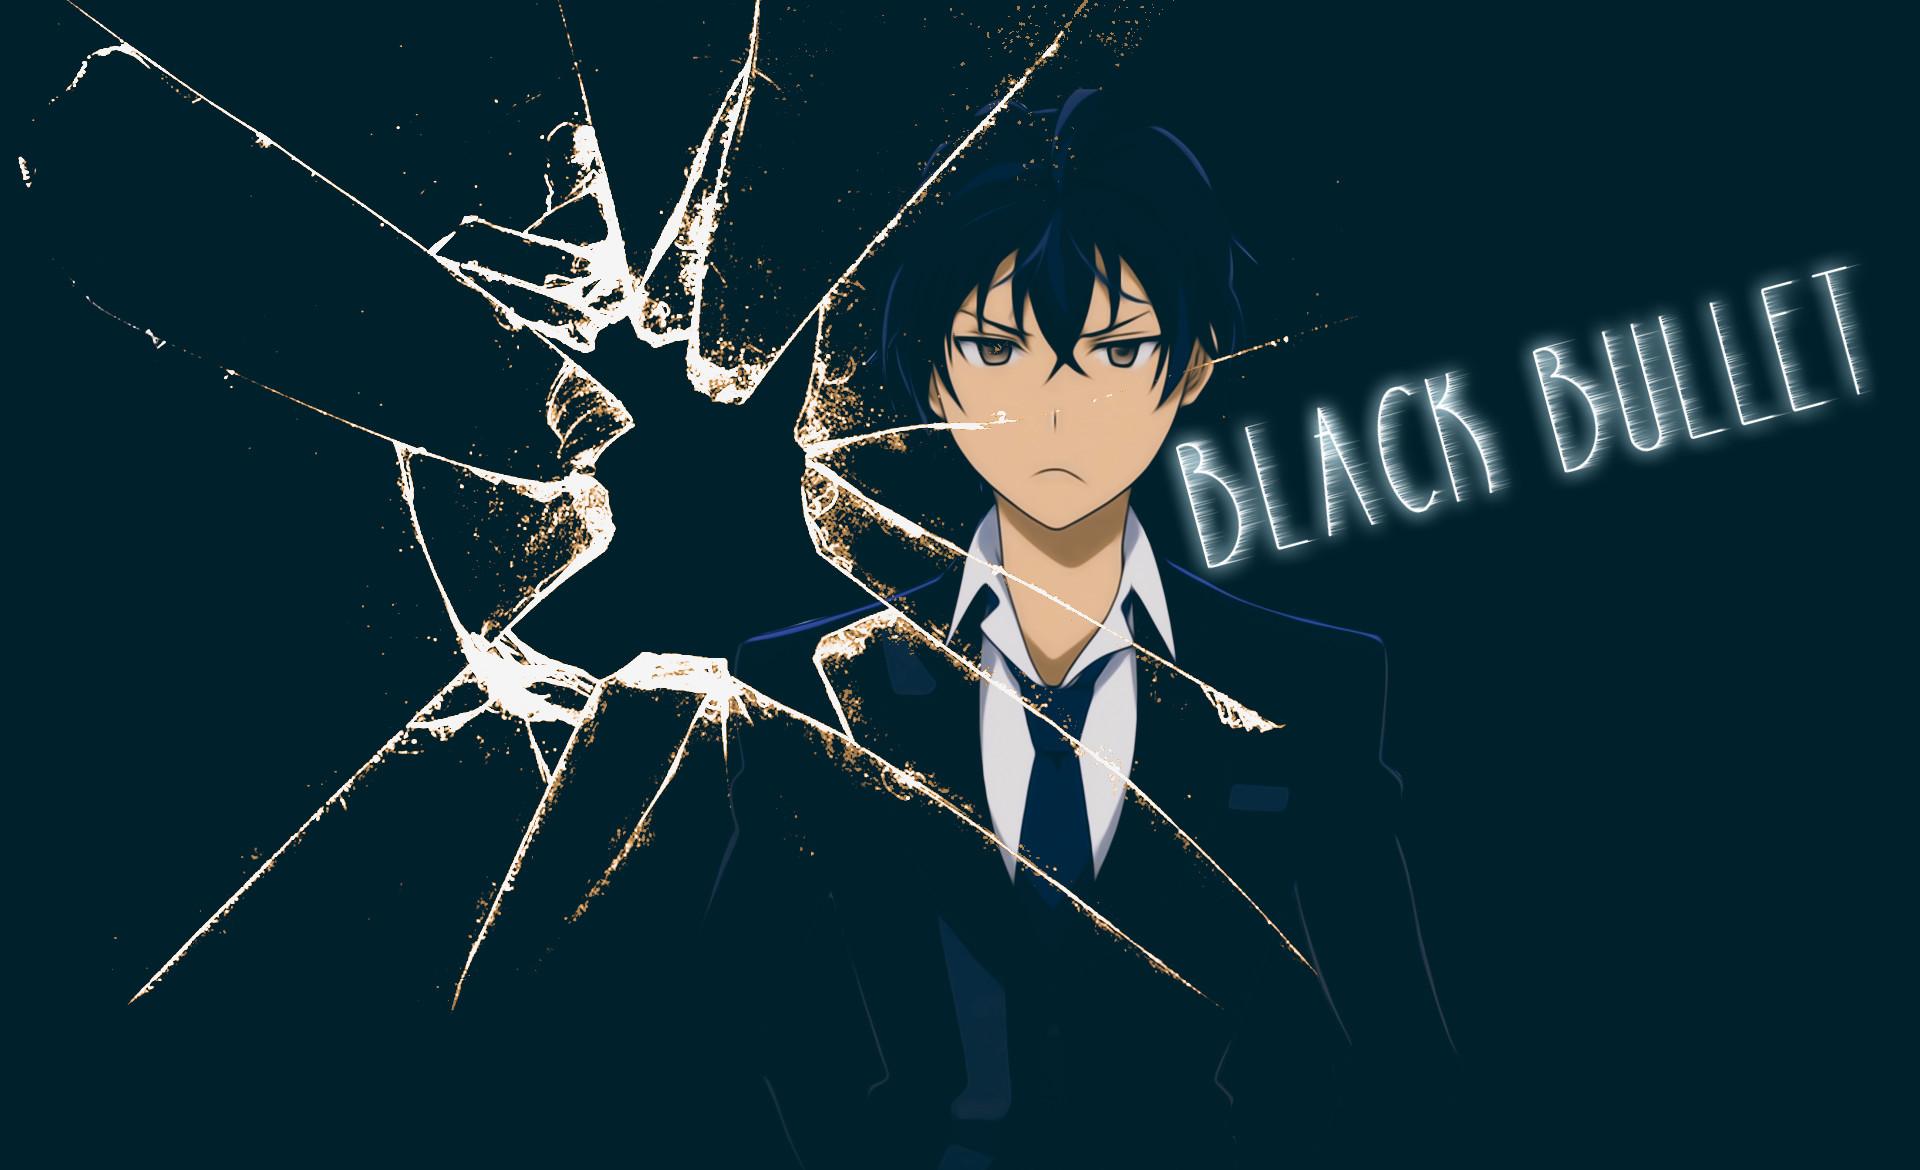 Black Bullet Rentaro Wallpaper by complexview Black Bullet Rentaro Wallpaper  by complexview